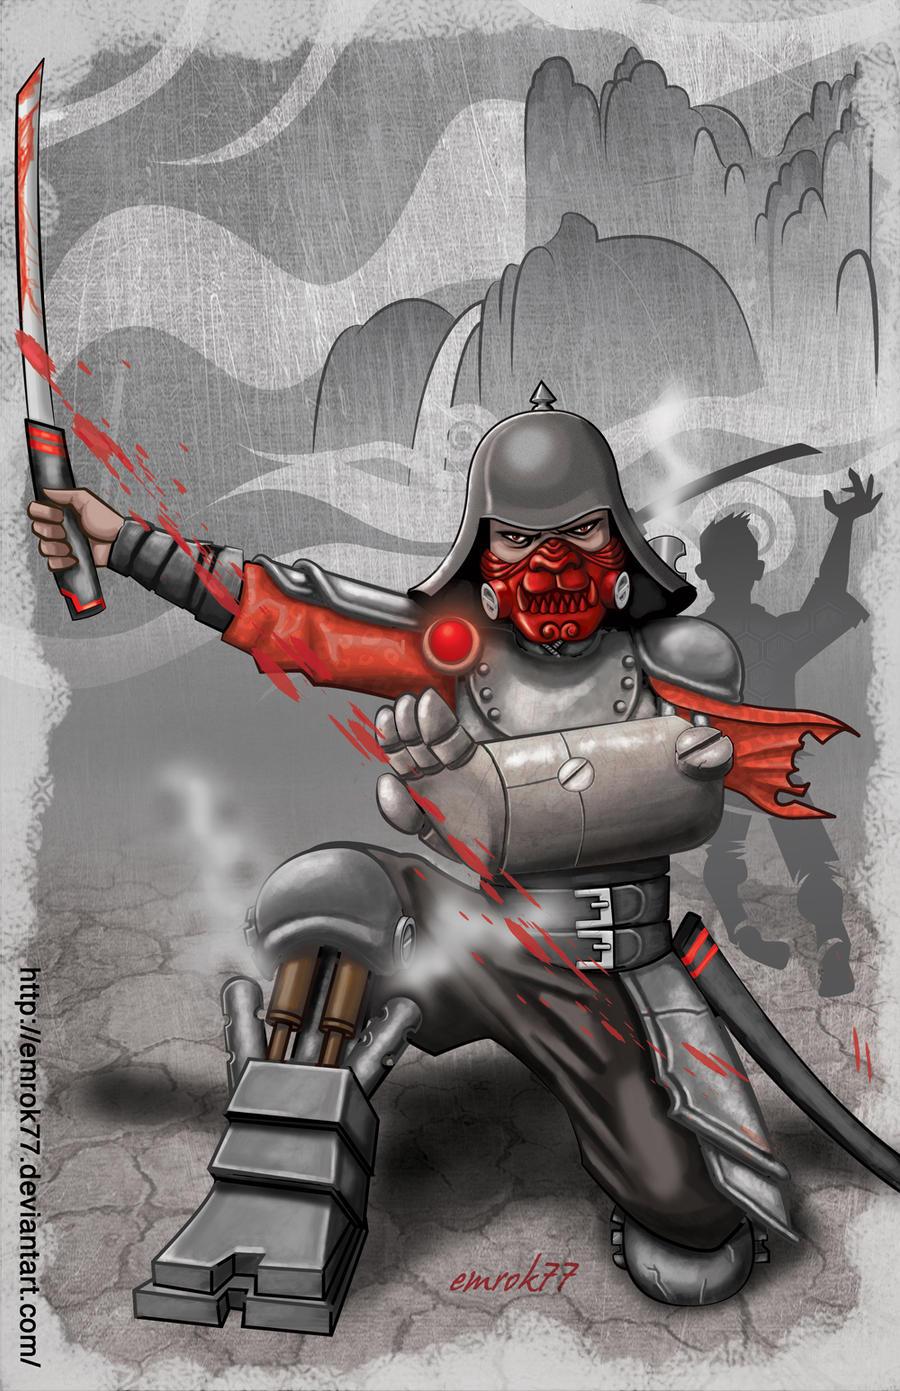 Steampunk Samurai by EmanuelMacias on DeviantArt